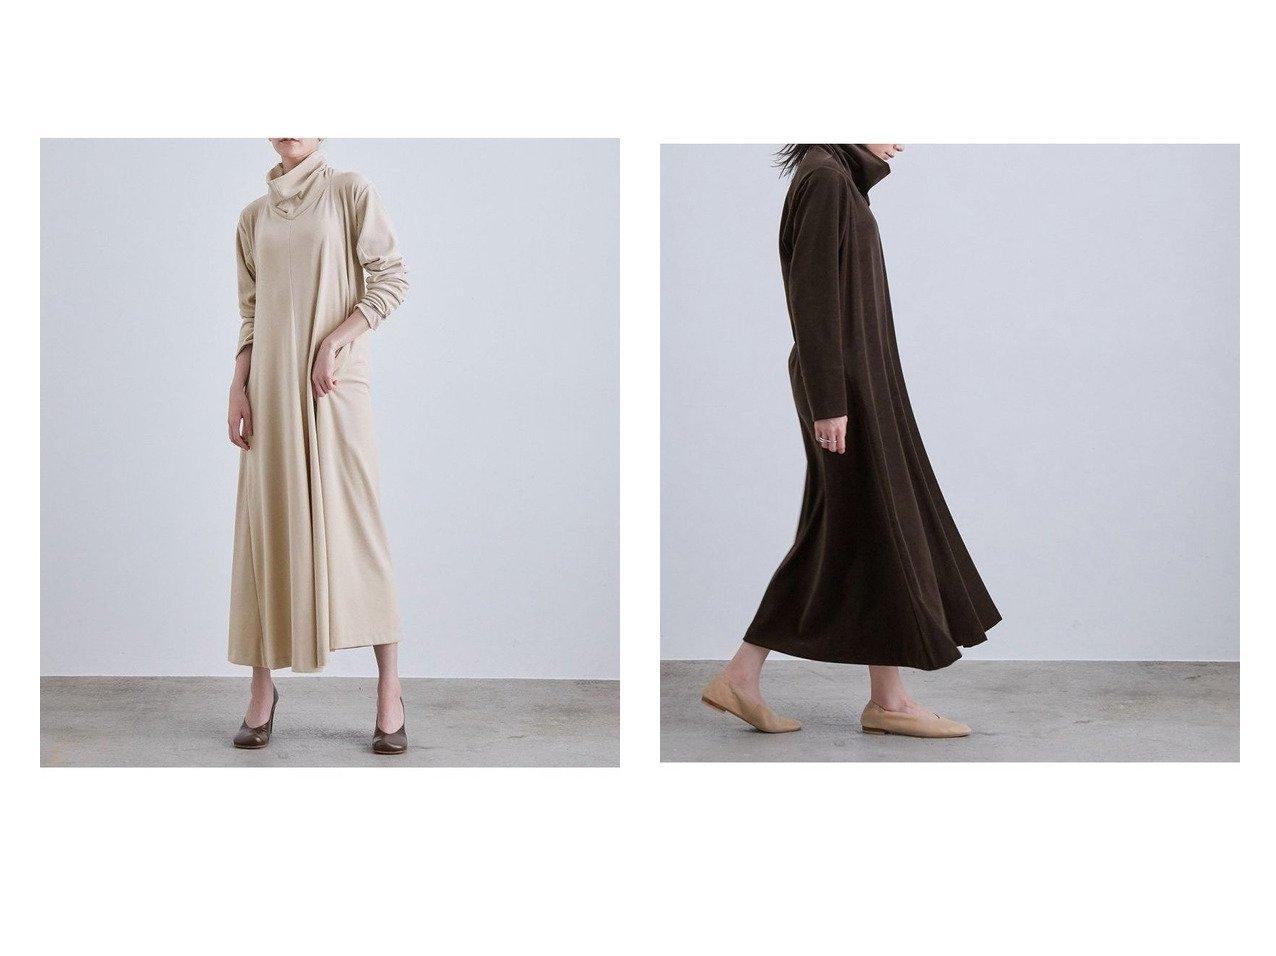 【ROPE/ロペ】の【LA LIGNE(ラリーニュ)】【洗える】エリヌキ ベロア ドレス ワンピース・ドレスのおすすめ!人気、トレンド・レディースファッションの通販 おすすめで人気の流行・トレンド、ファッションの通販商品 メンズファッション・キッズファッション・インテリア・家具・レディースファッション・服の通販 founy(ファニー) https://founy.com/ ファッション Fashion レディースファッション WOMEN ワンピース Dress ドレス Party Dresses ドレス ドレープ ベロア リラックス レギンス 洗える  ID:crp329100000011961